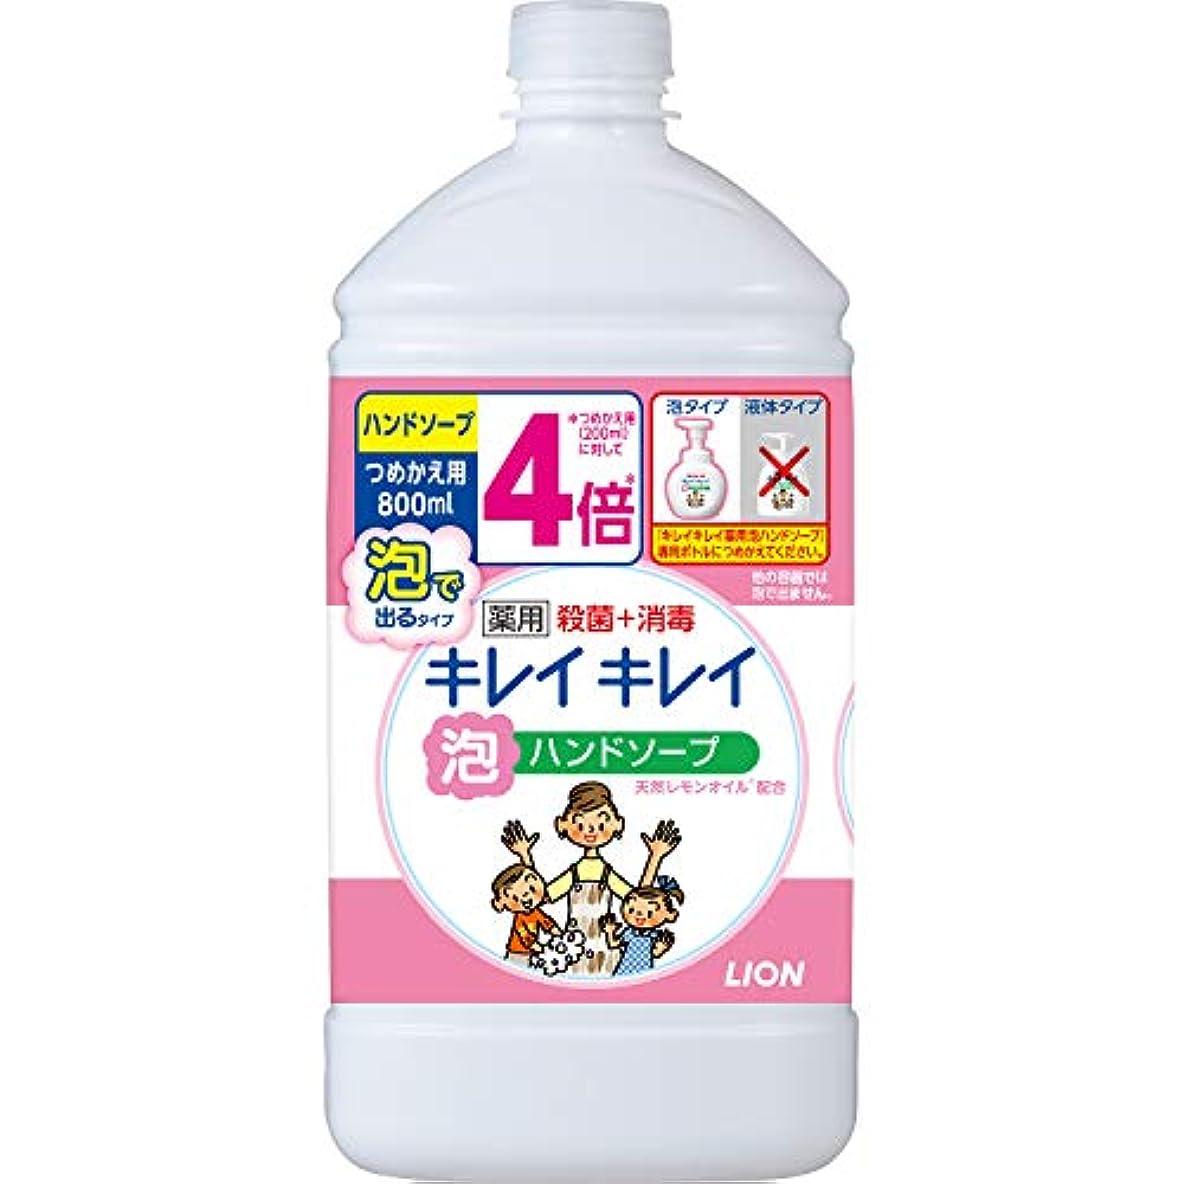 第三放棄する量で(医薬部外品)【大容量】キレイキレイ 薬用 泡ハンドソープ シトラスフルーティの香り 詰替特大 800ml